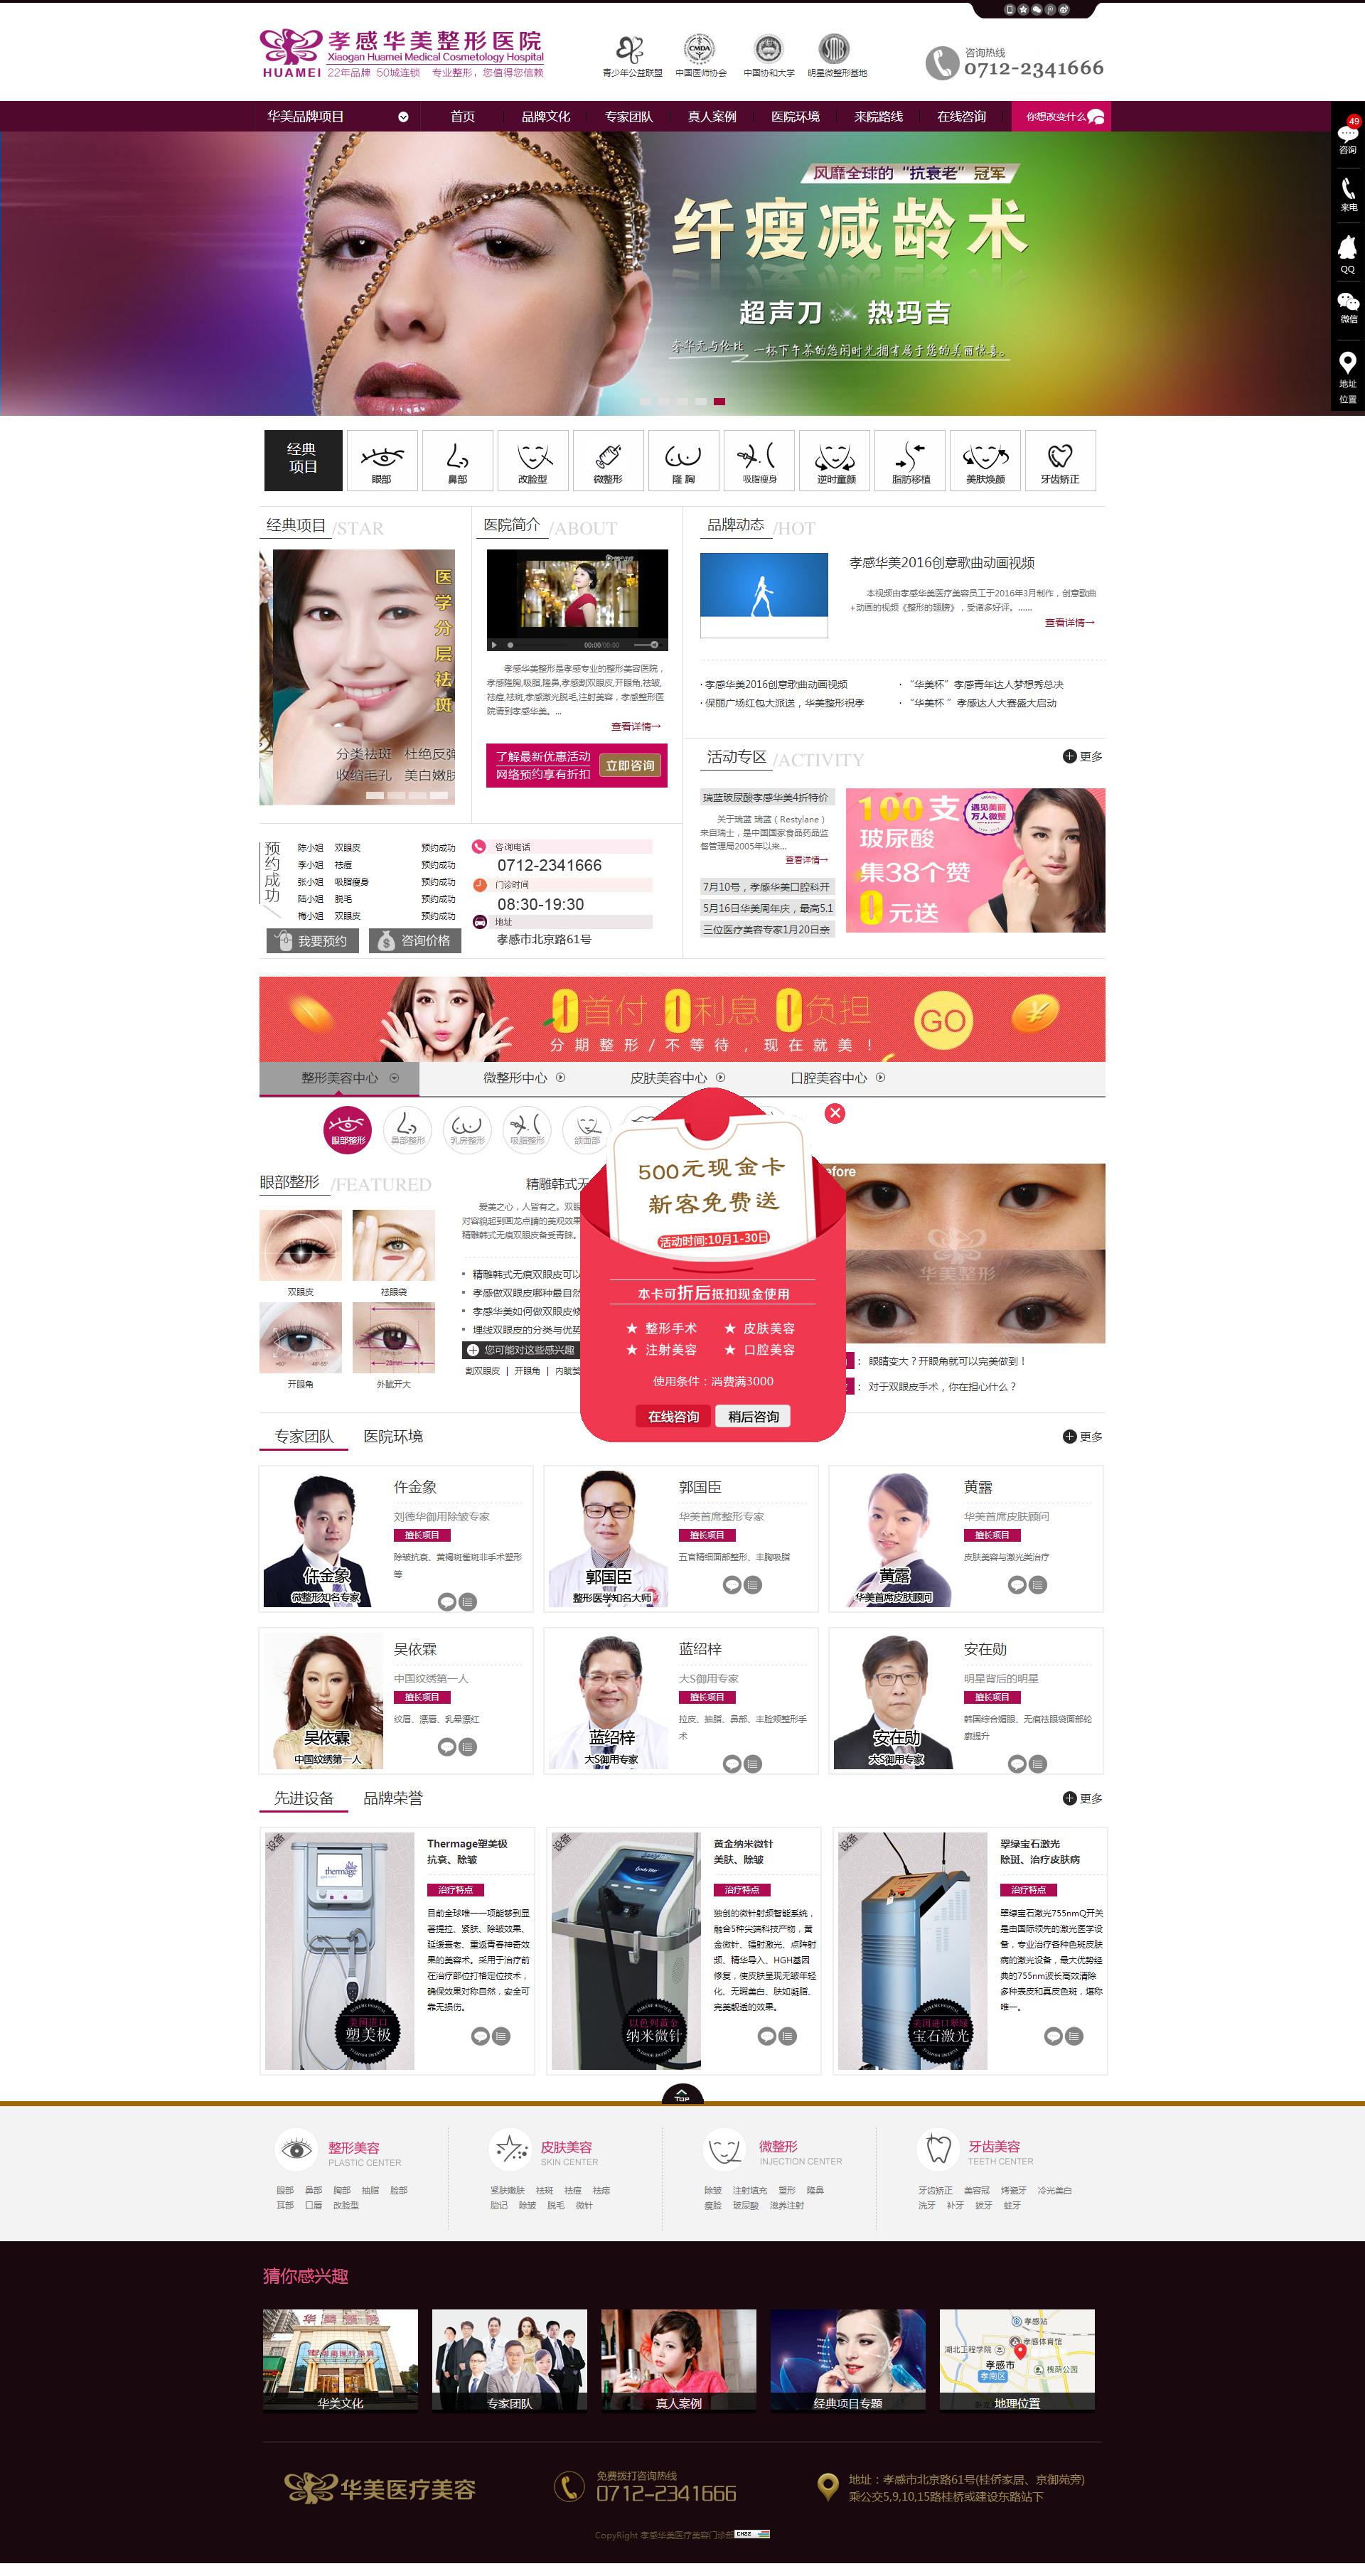 孝感华美医疗美容网站建设